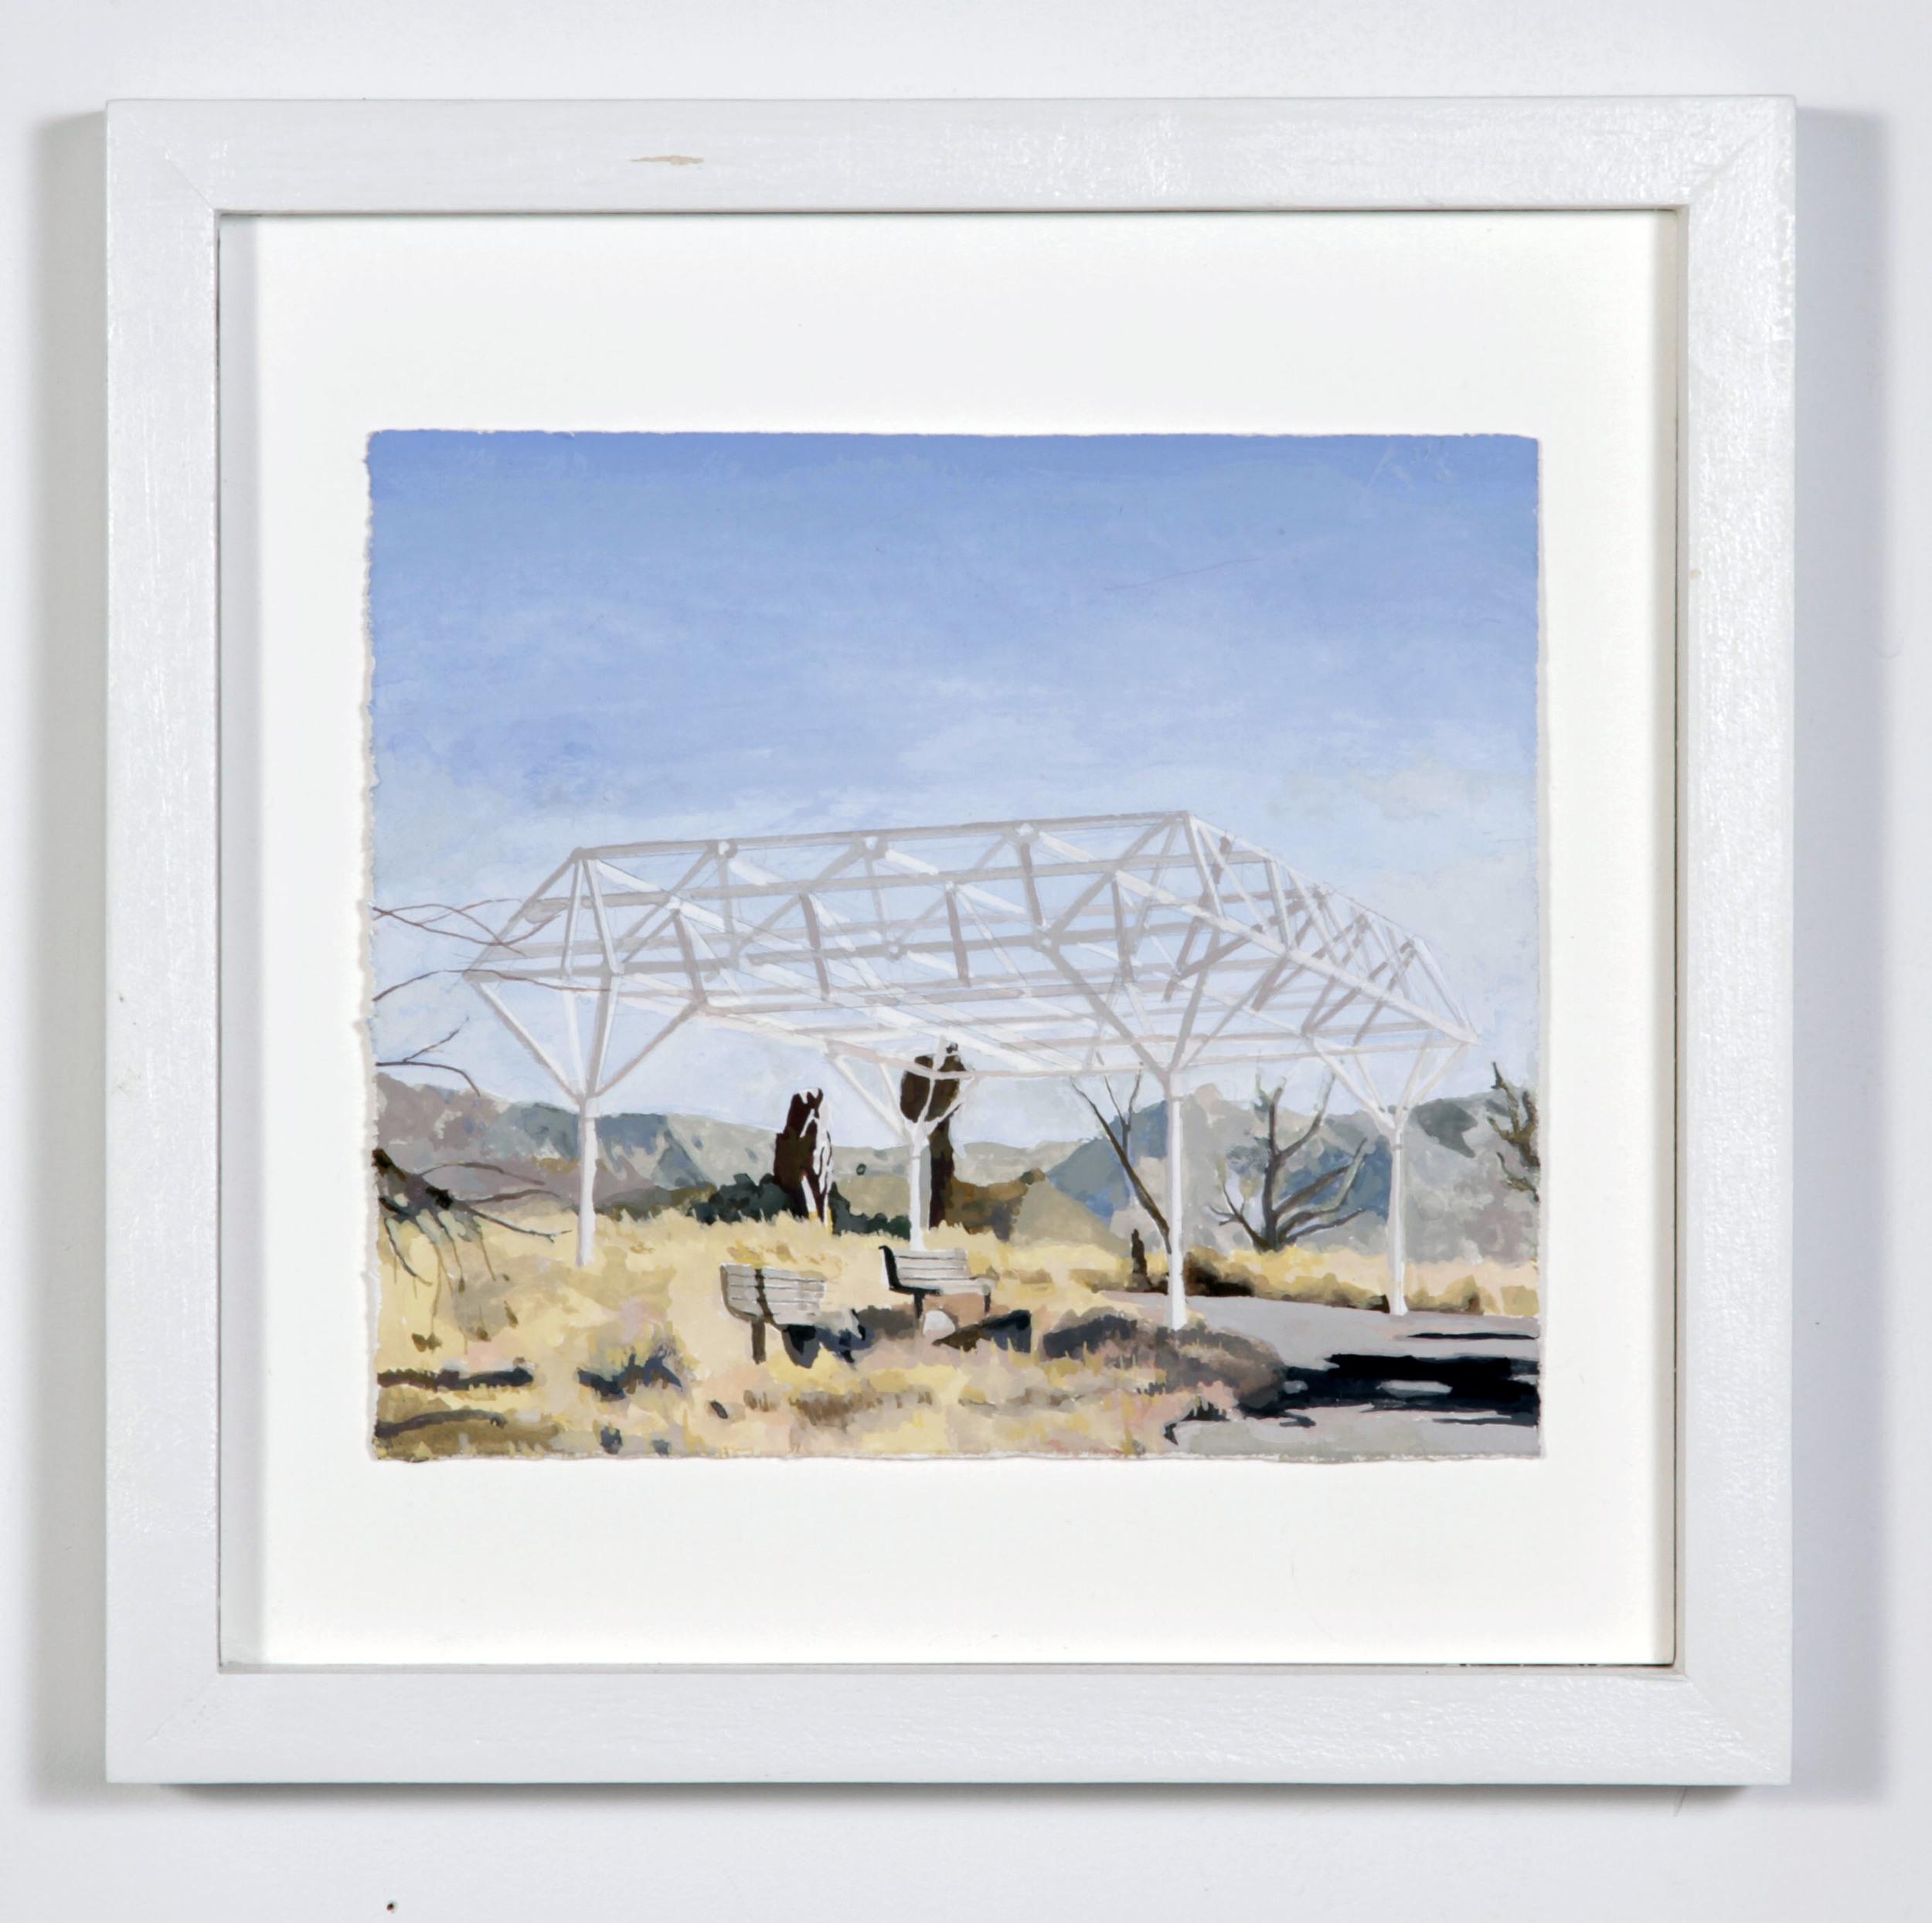 """(Pavilion),   2014,  gouache on paper,  11.5x11.5x1.5"""""""